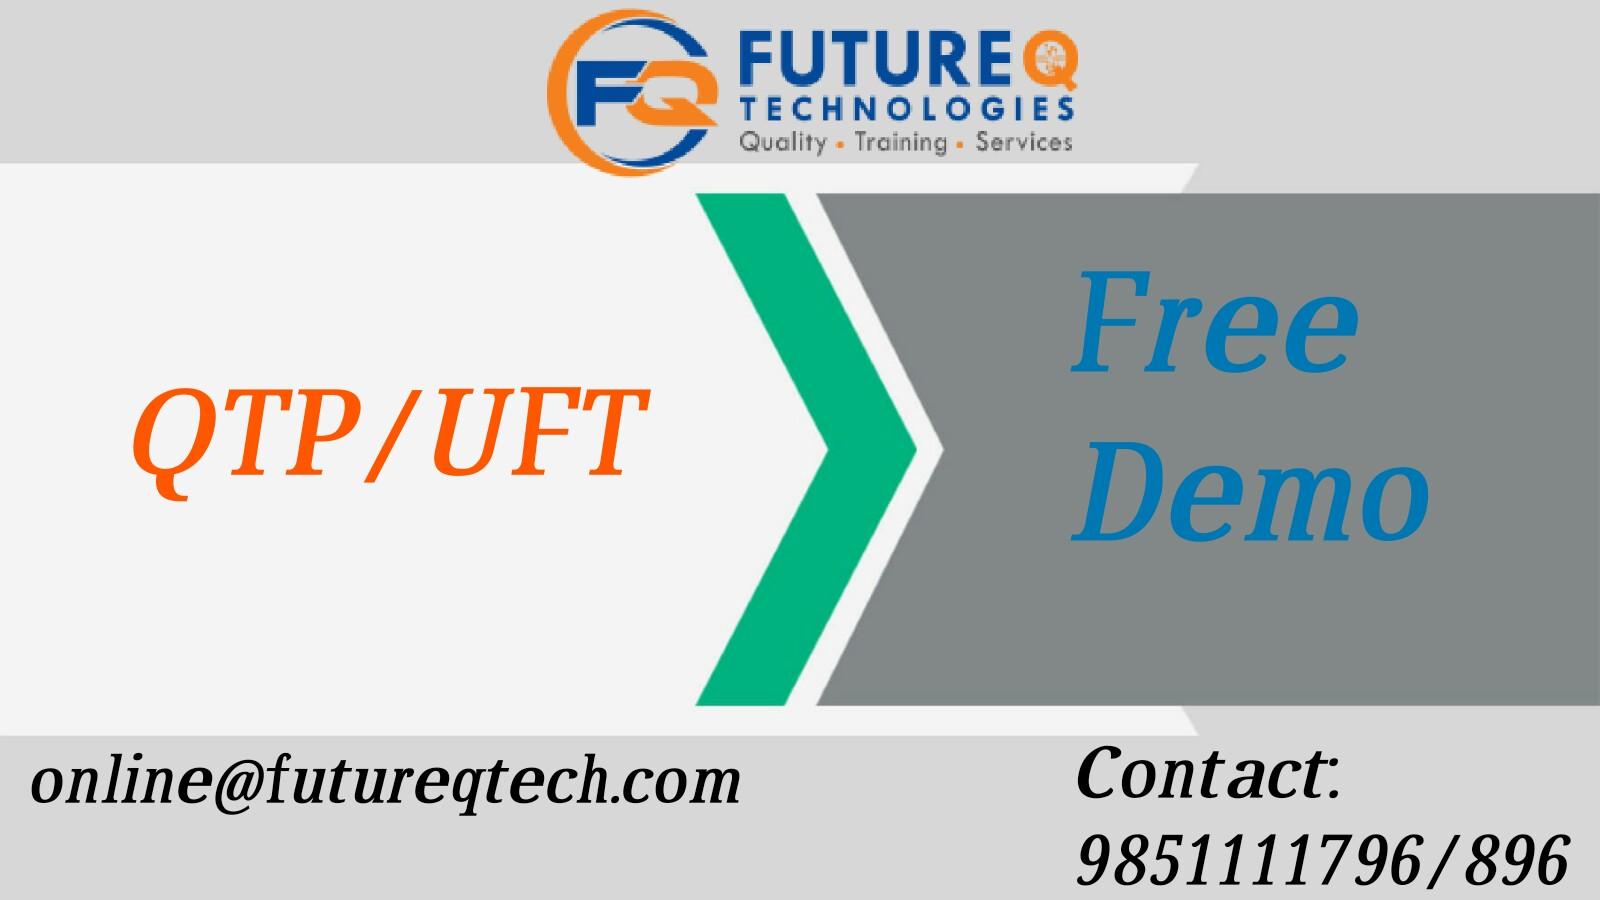 QTP / UFT Online Training In india Archives - Future Q